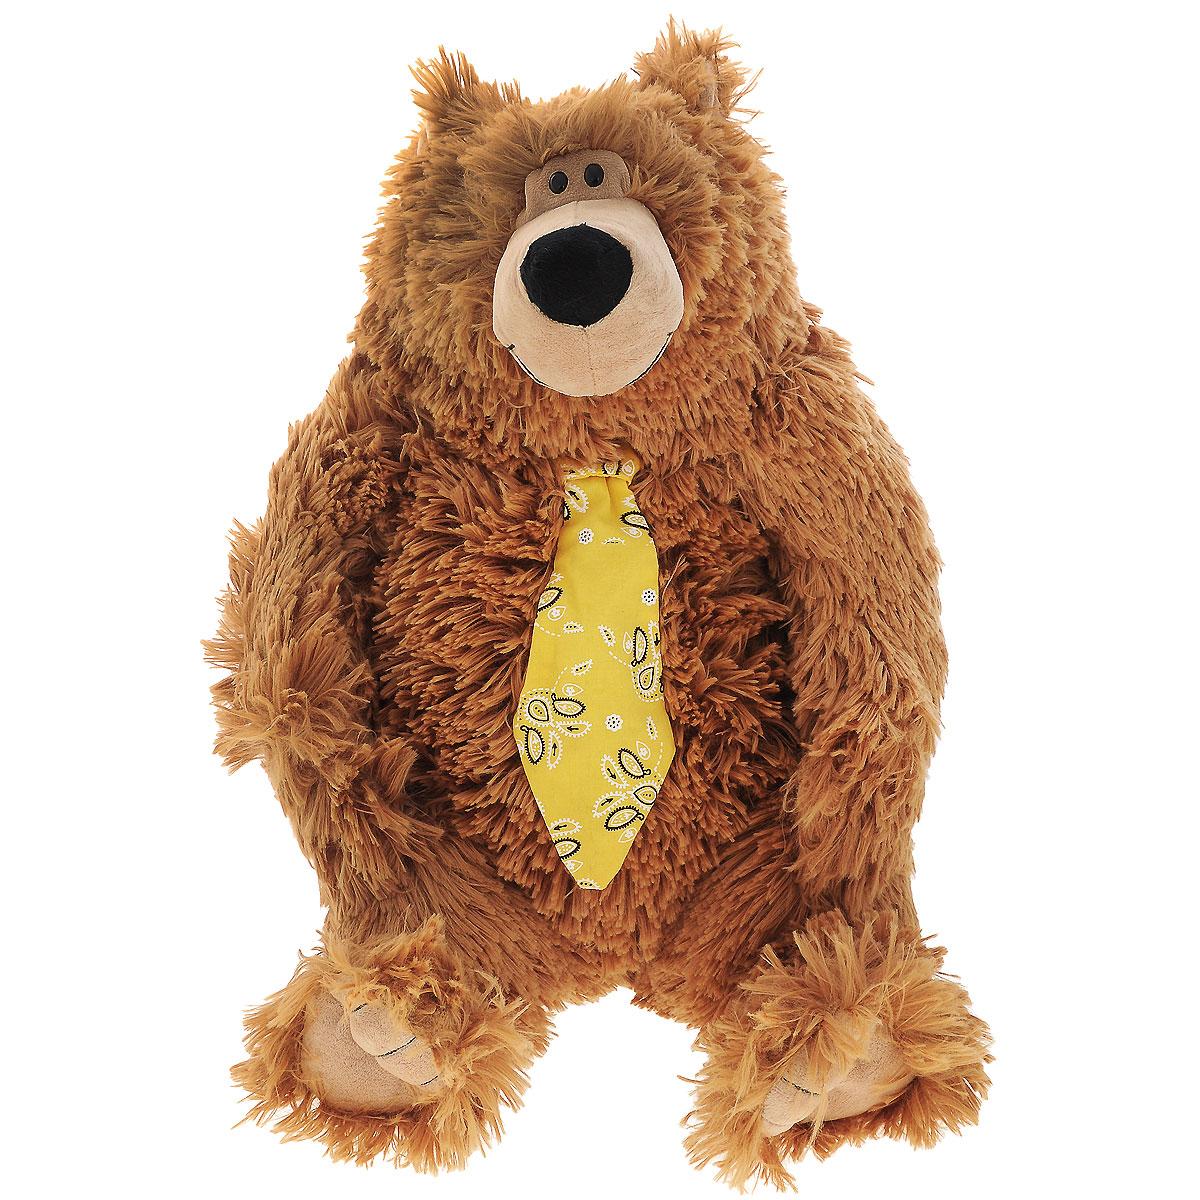 Мягкая игрушка Plush Apple Медведь в галстуке, цвет: коричневый, 47 смK93423A4Яркая мягкая игрушка Plush Apple Медведь в галстуке коричневого цвета привлечет внимание не только ребенка, но и взрослого. Мишка большой, в сидячем положении 47см. Изготовлен из экологически чистого текстиля, наполнитель синтепон. При изготовлении используются новейшие материалы, уникальная технология, авторский дизайн и ручная проработка деталей. Невероятно мягкий и нежный, с ним так приятно играть, ходить на прогулку и засыпать, прижавшись к его бочку. Плюшевые игрушки помогут любому человеку выразить свои чувства и преподнести незабываемый, оригинальный подарок своим близким и любимым.